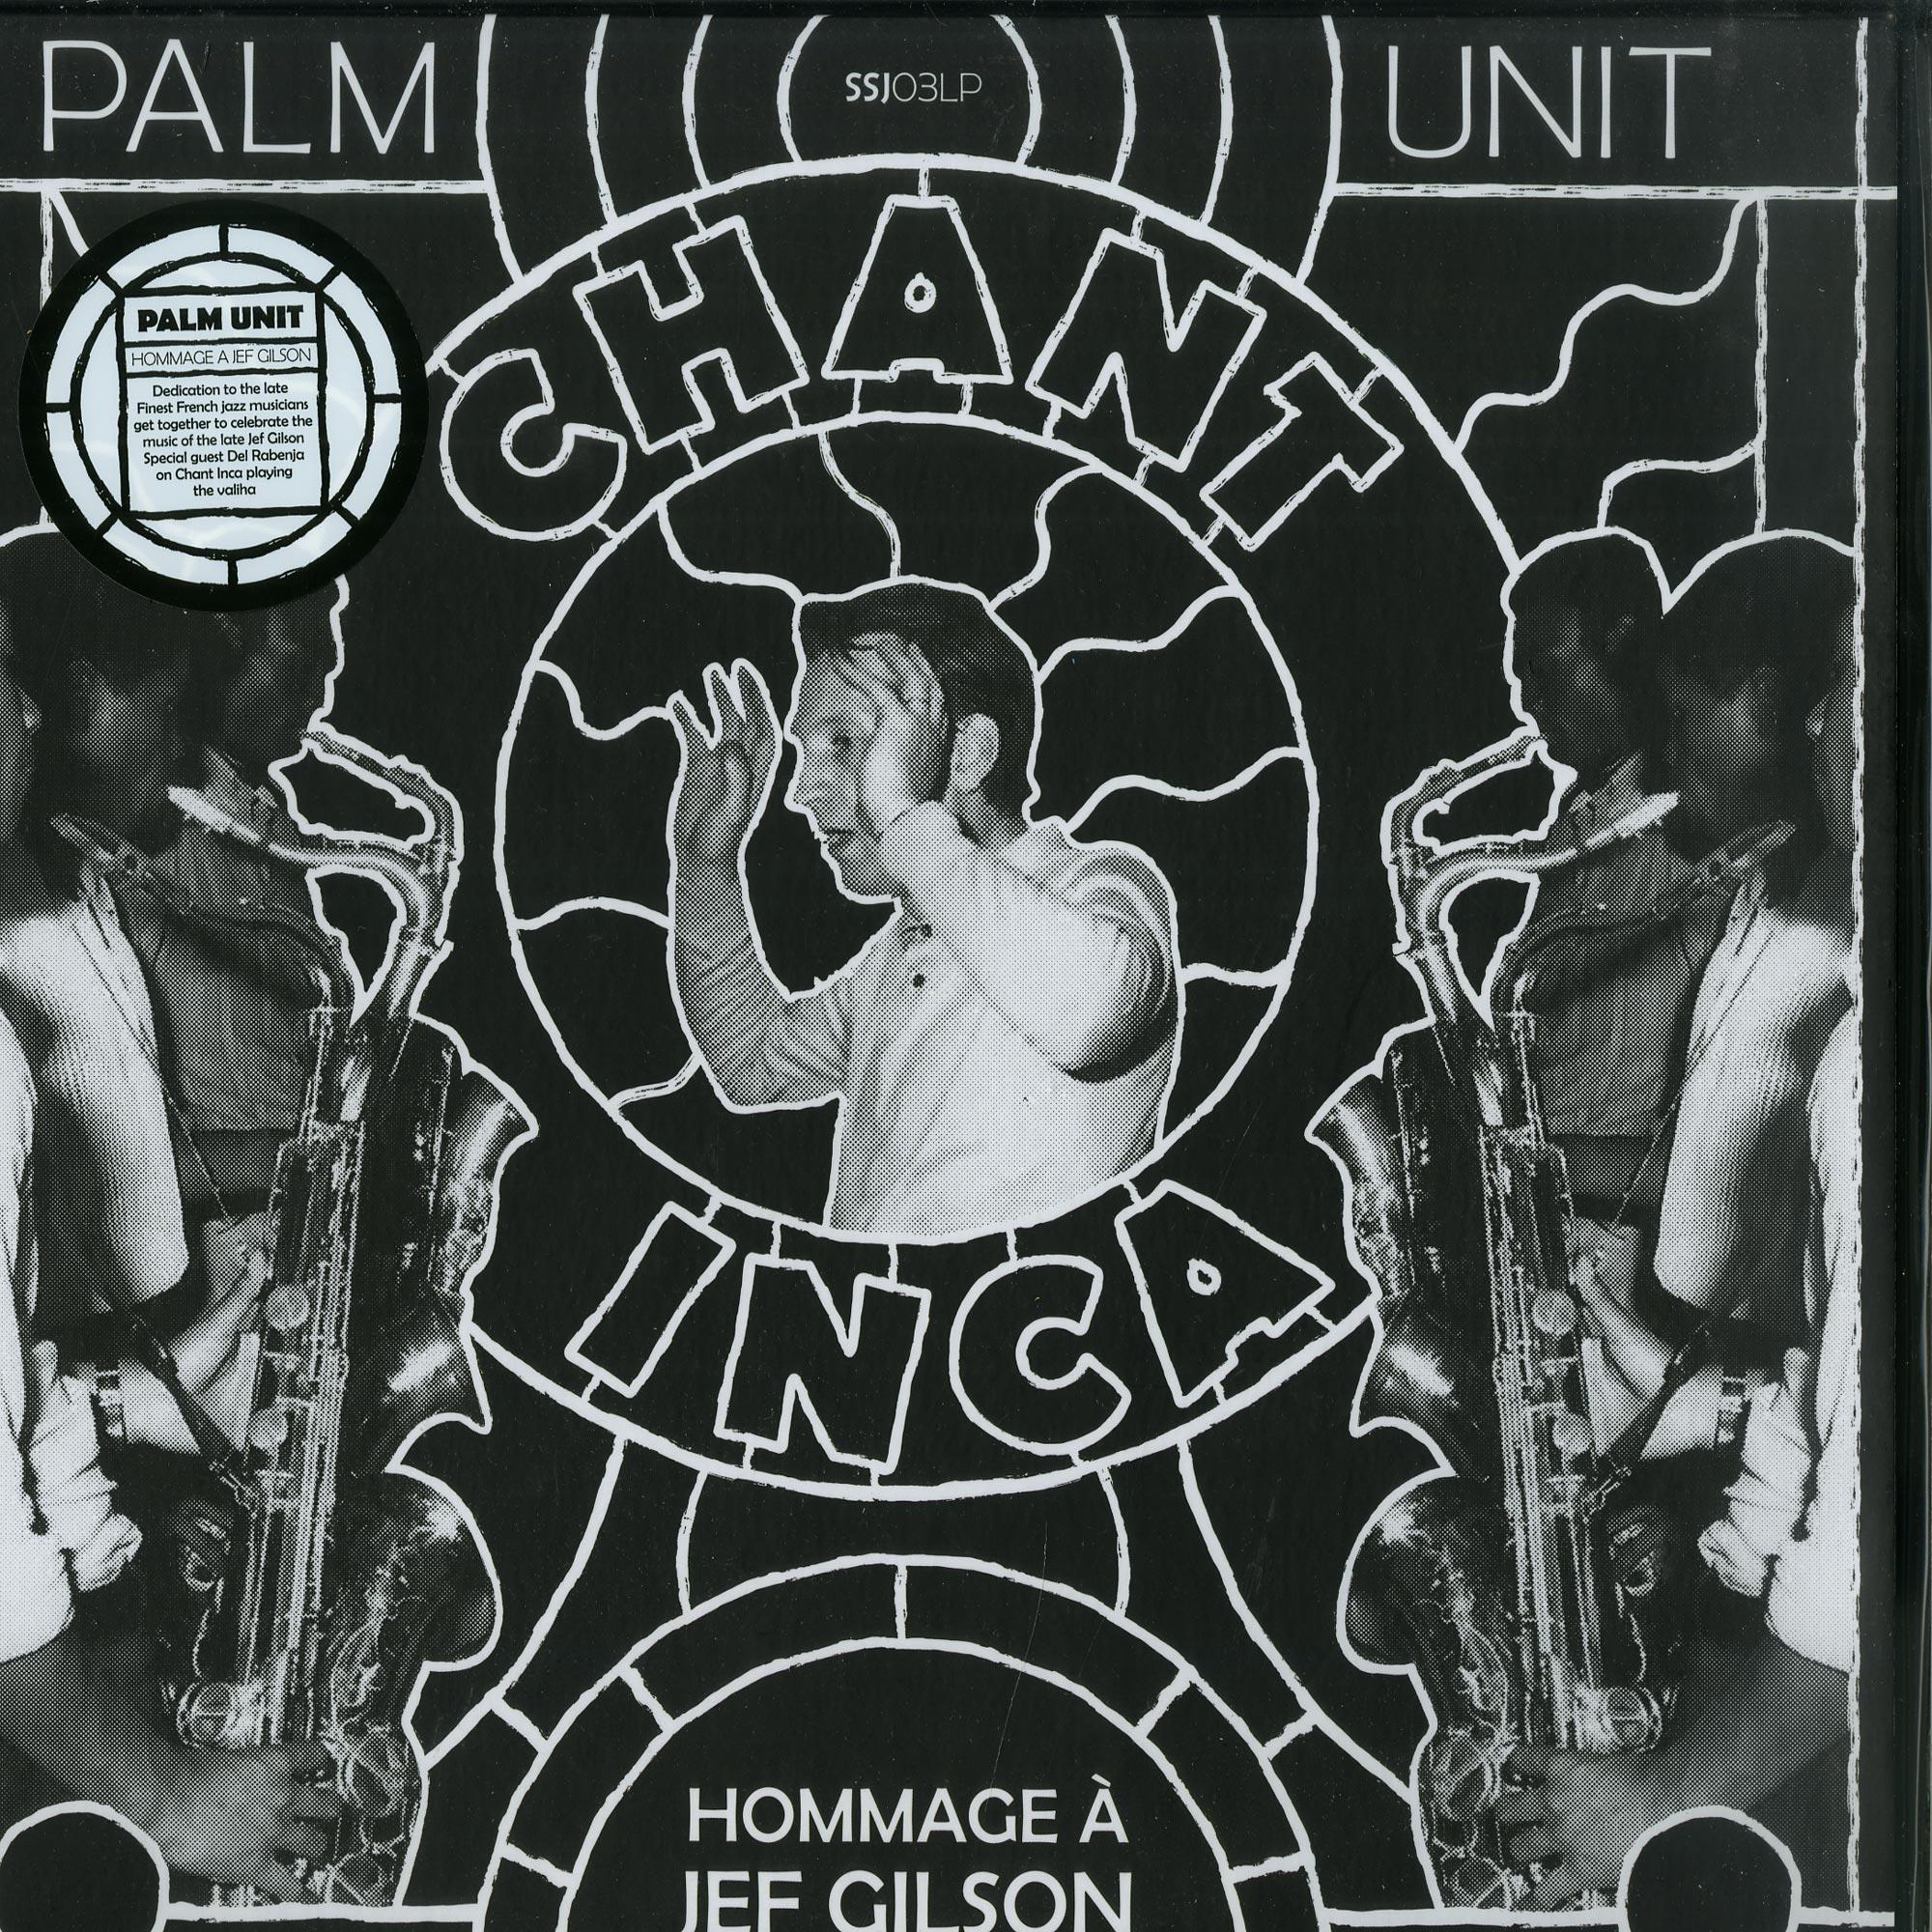 Palm Unit - HOMMAGE A JEF GILSON